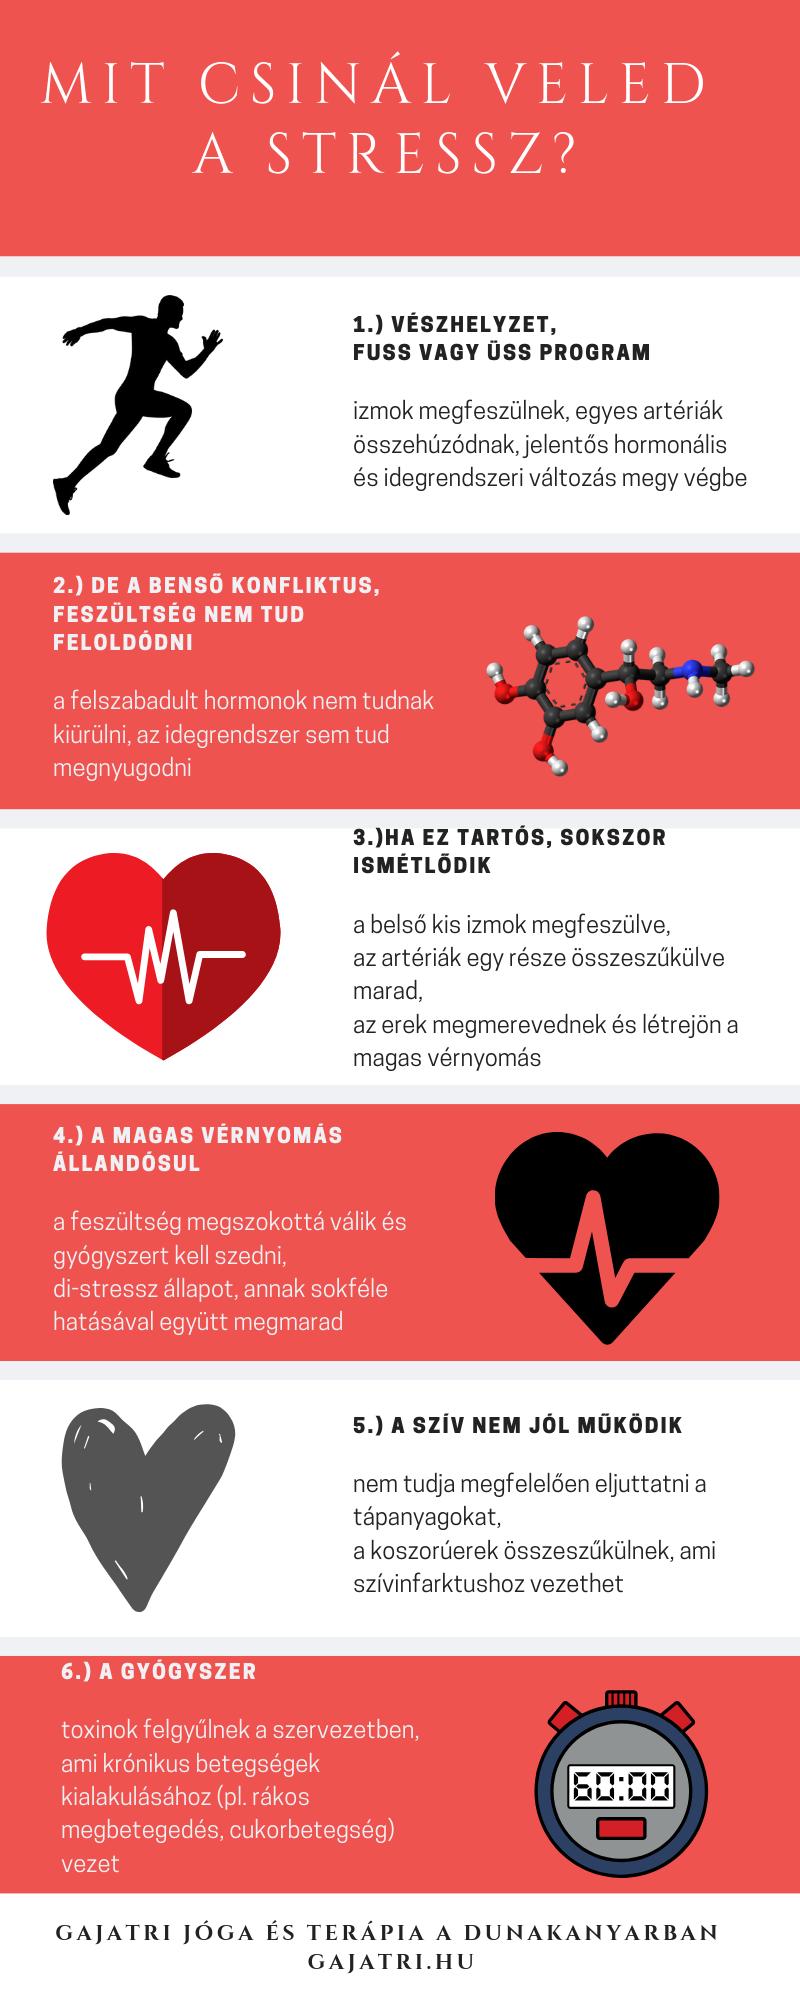 a magas vérnyomást népi gyógymódokkal kezeljük otthoni recept a magas vérnyomás ellen